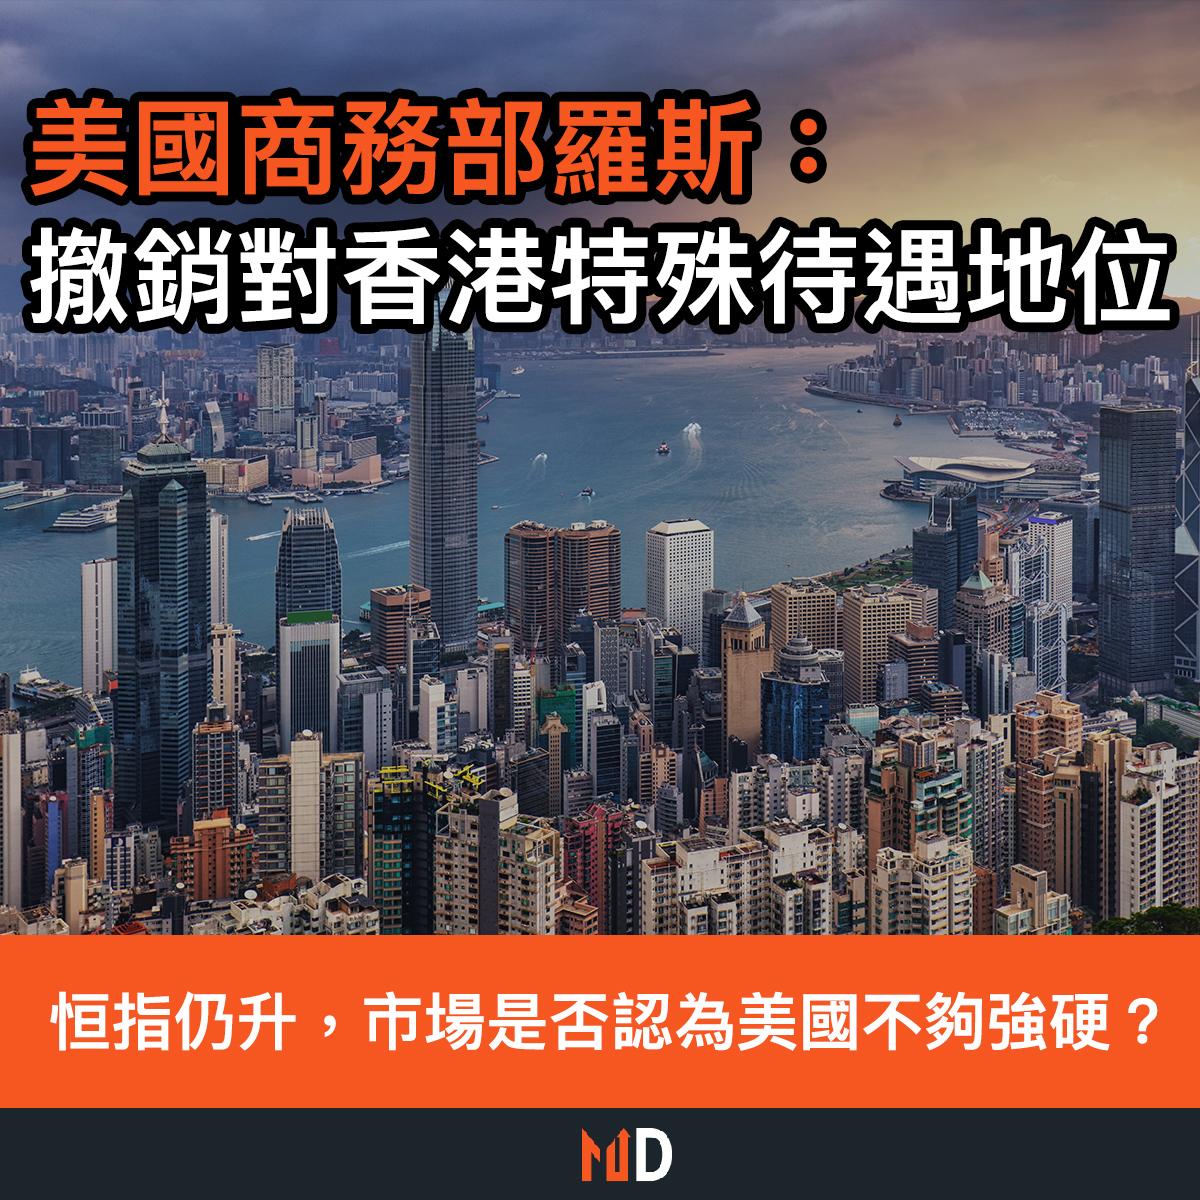 【市場熱話】美國商務部羅斯:撤銷對香港特殊待遇地位